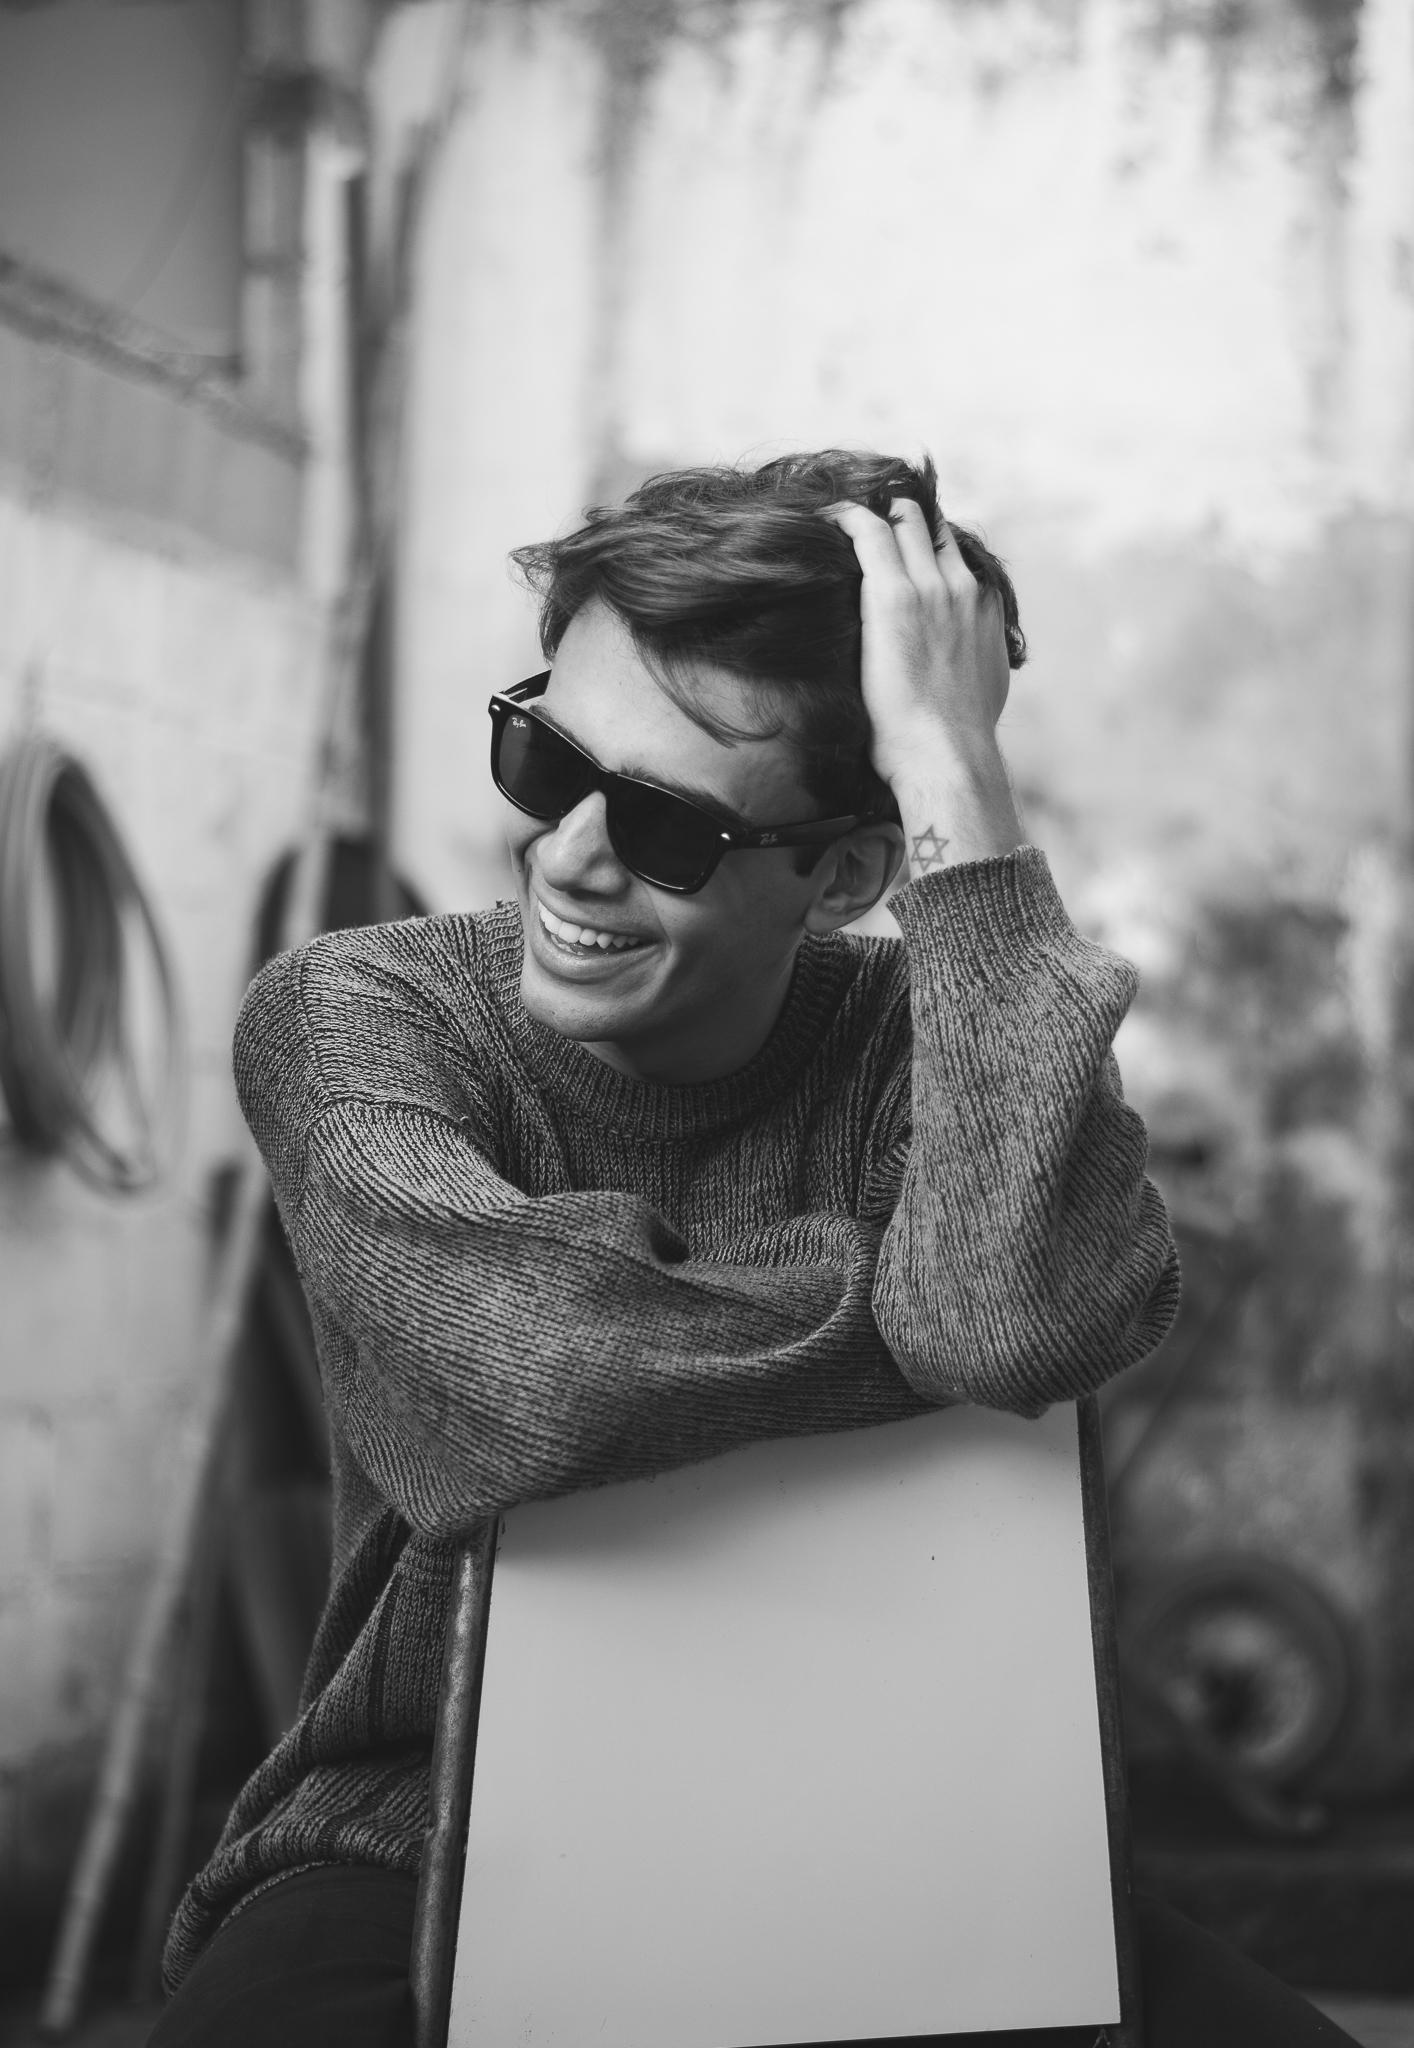 alex-cursino-rafaella-santiago-matheus-komatsu-shooting-editorial-de-moda-influencer-youtuber-blogueiro-de-moda-dicas-de-moda-como-ser-estiloso-anos-90-roupa-masculina-vogue-8